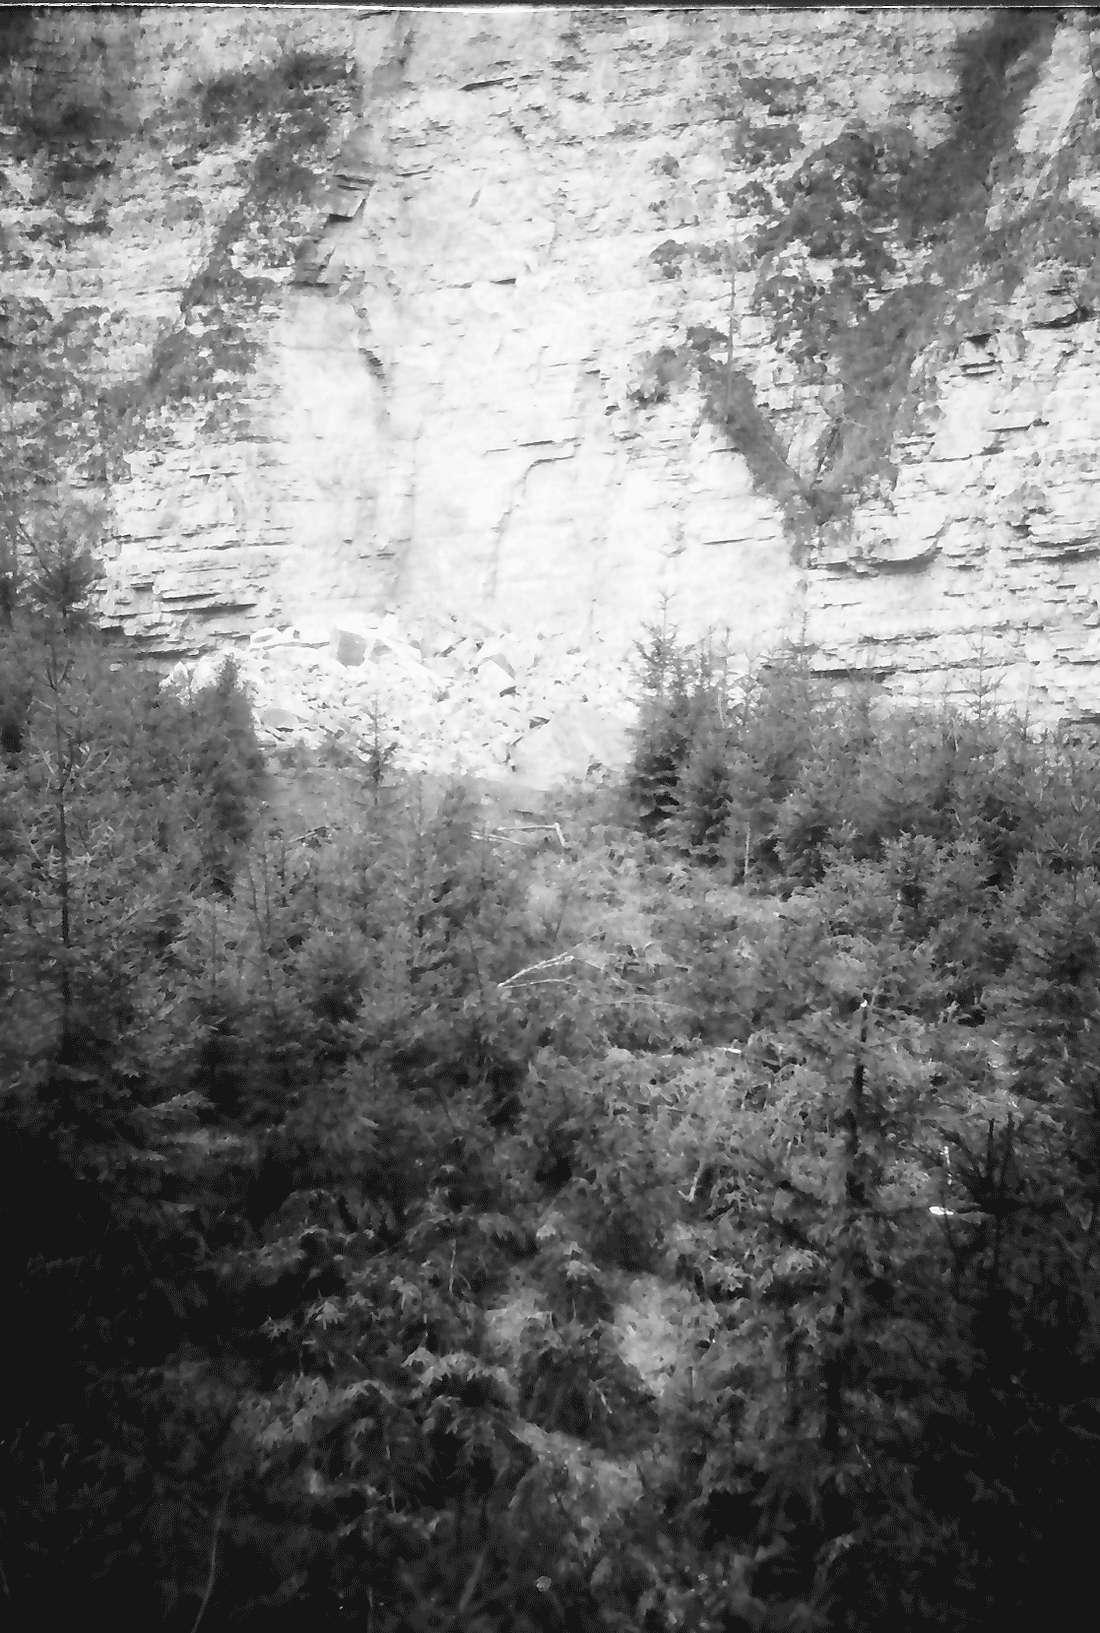 Münchingen: Felssturzkatastrophe am Rümmelefelsen; Bruchstelle mit niedergewalztem Wald; Hochpanoramaaufnahme, Bild 2